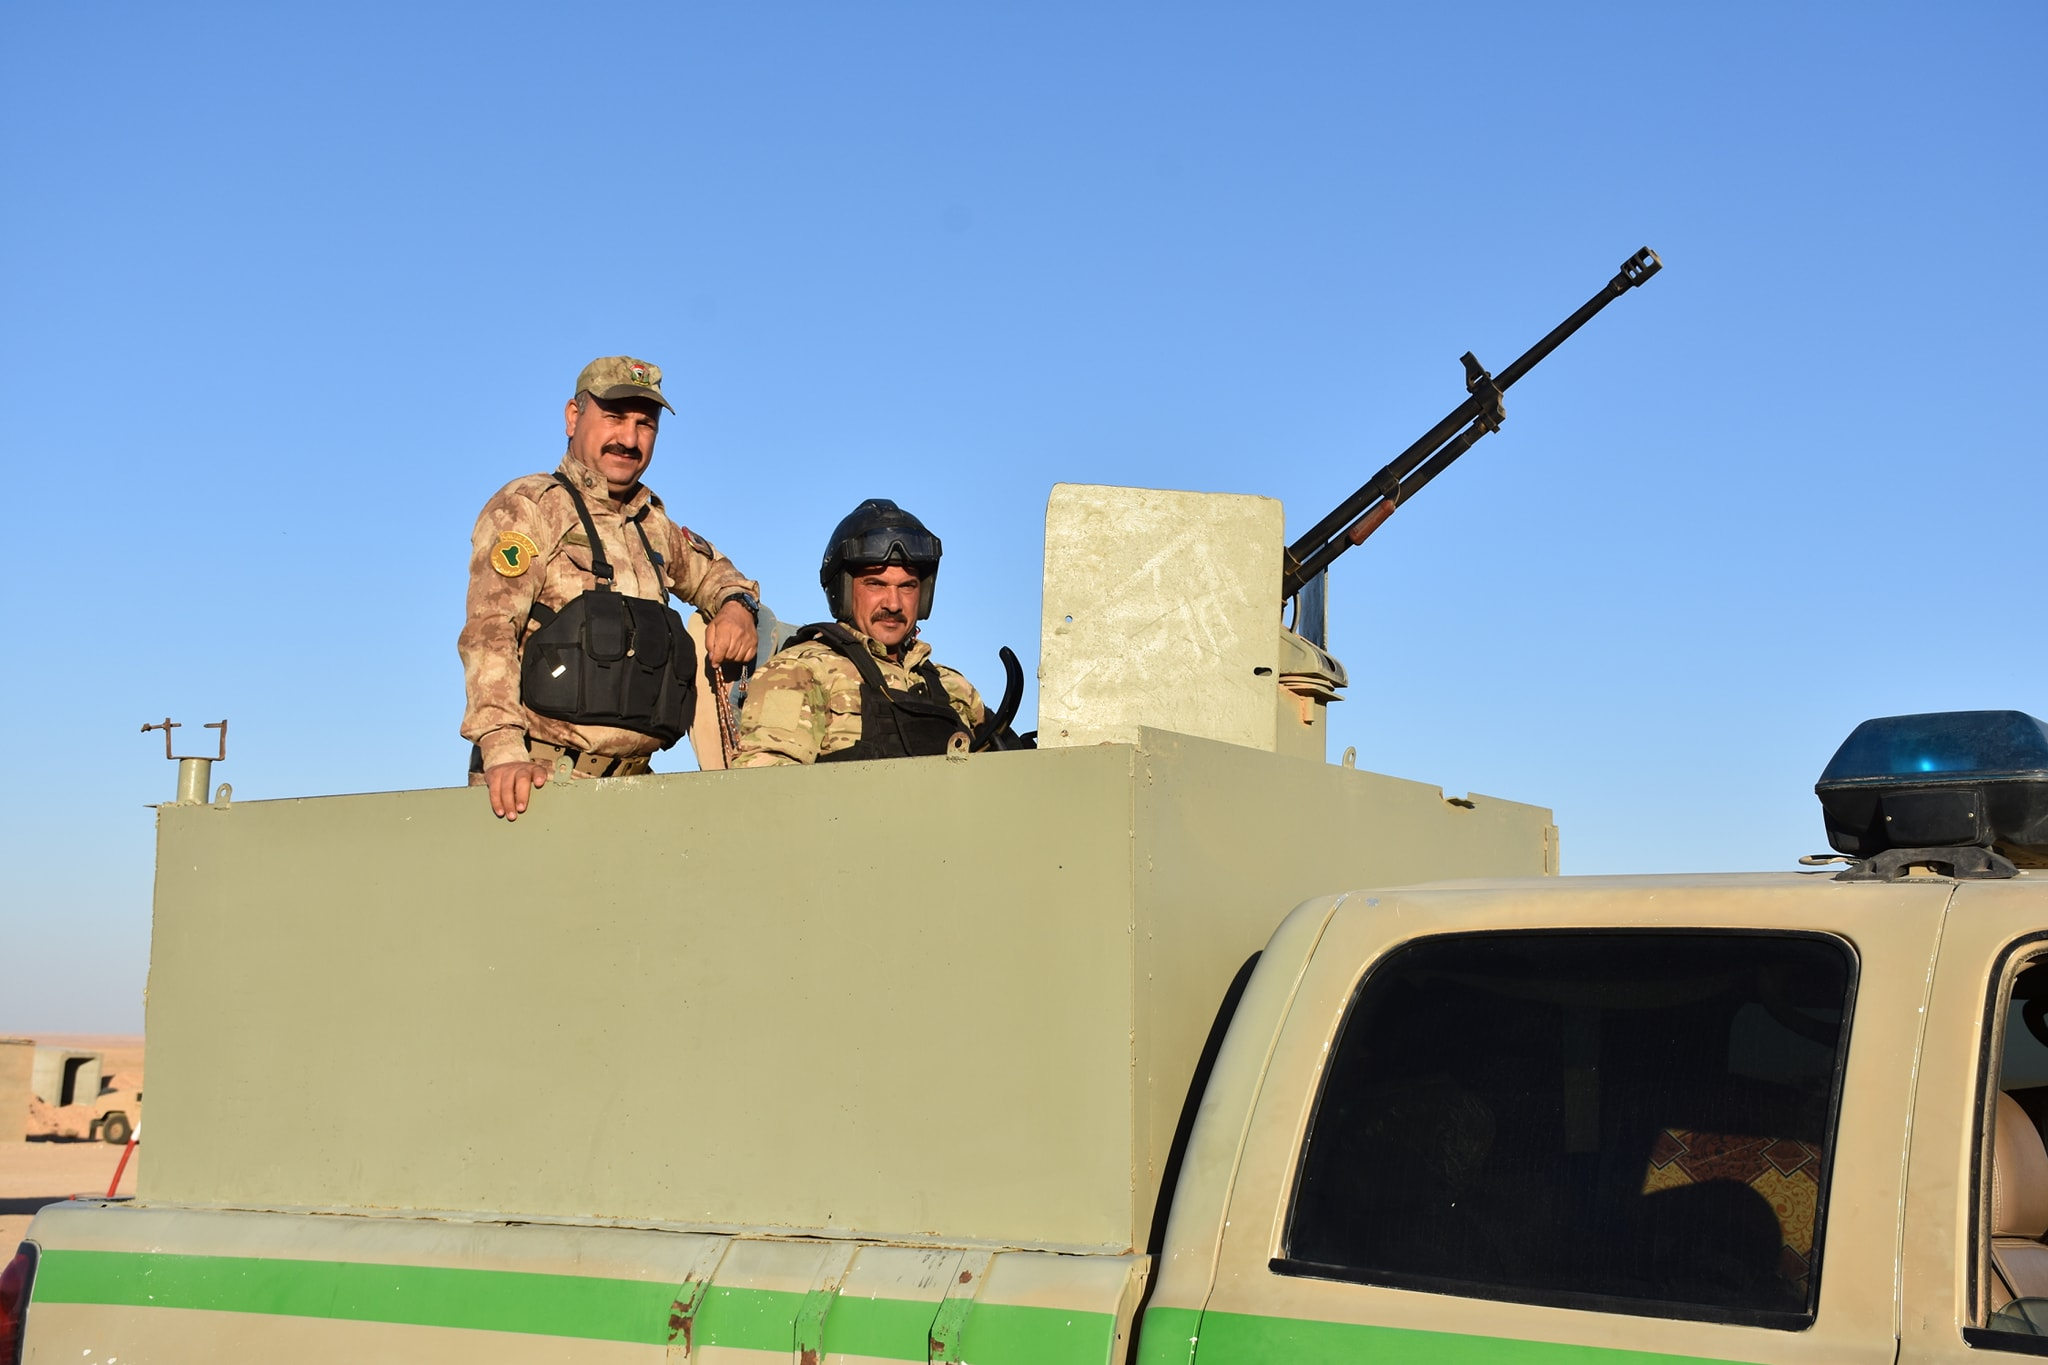 حرس الحدود يصد هجوما لداعش قادما من سوريا